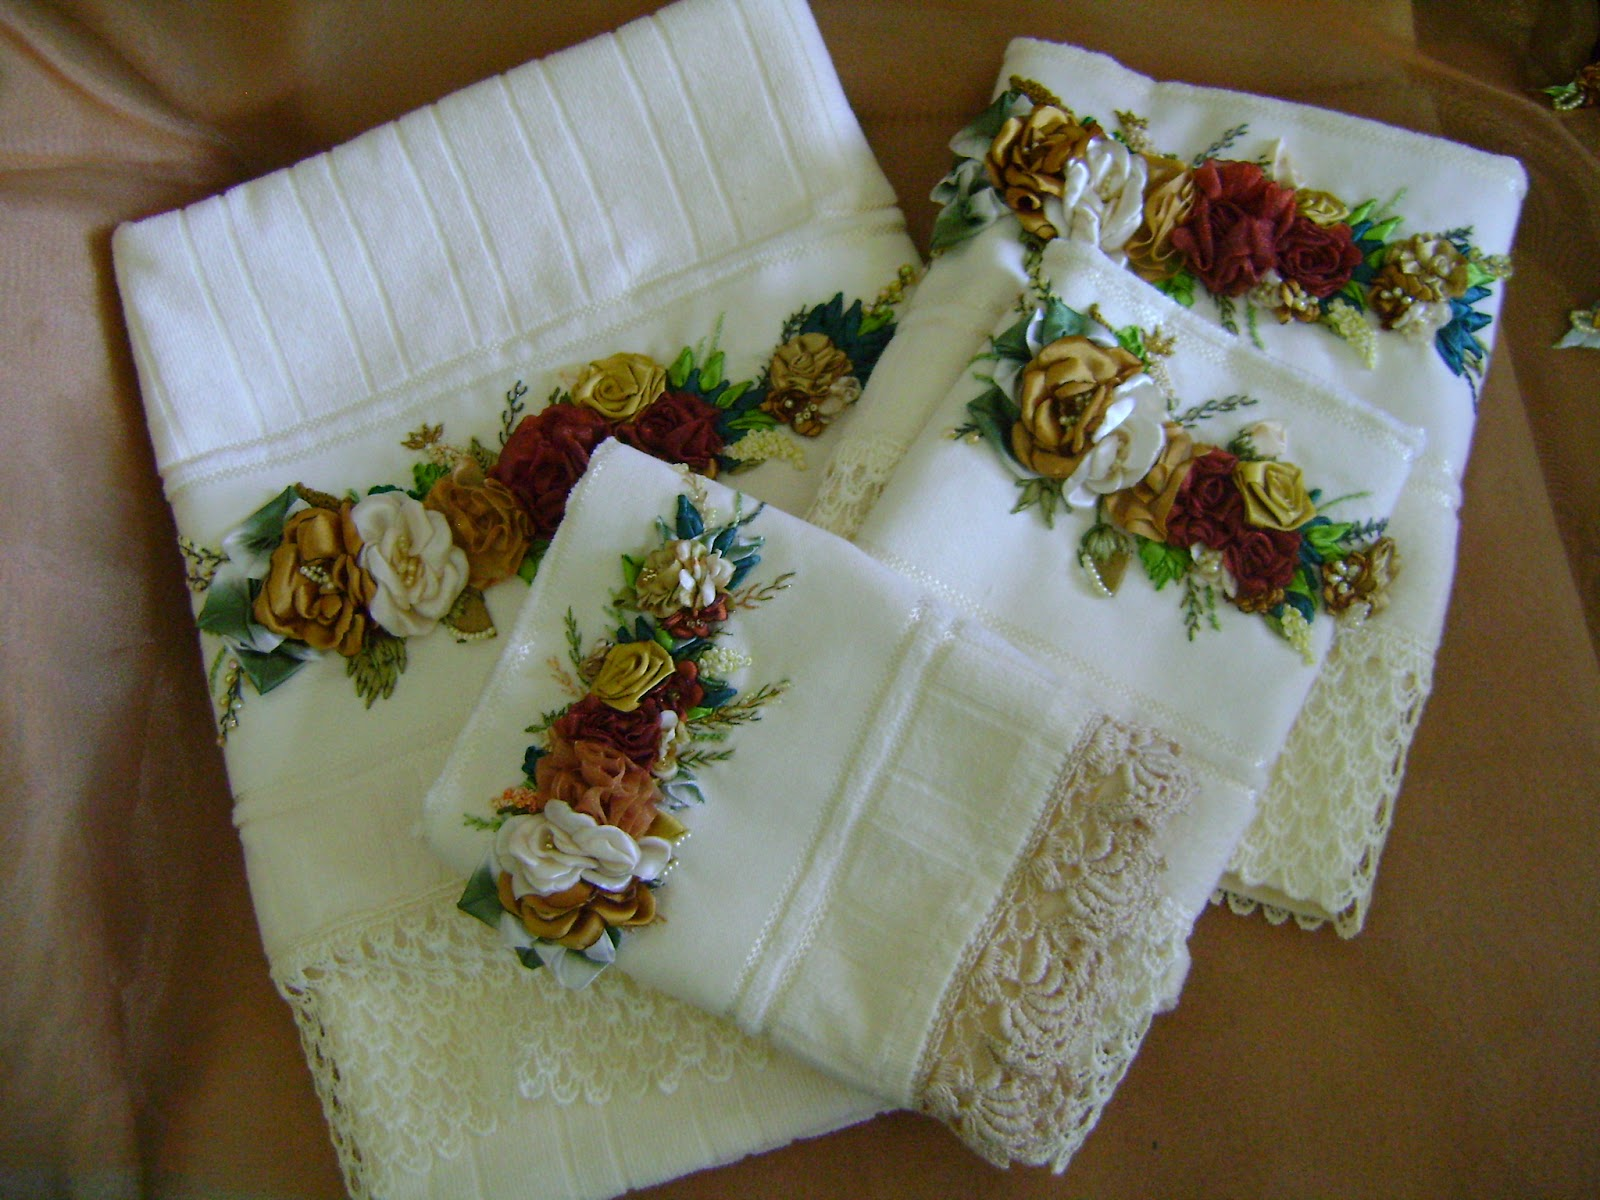 Cortinas De Baño Bordadas A Maquina:embalagens para as toalhas bordada a maquina com puxadores em fio de